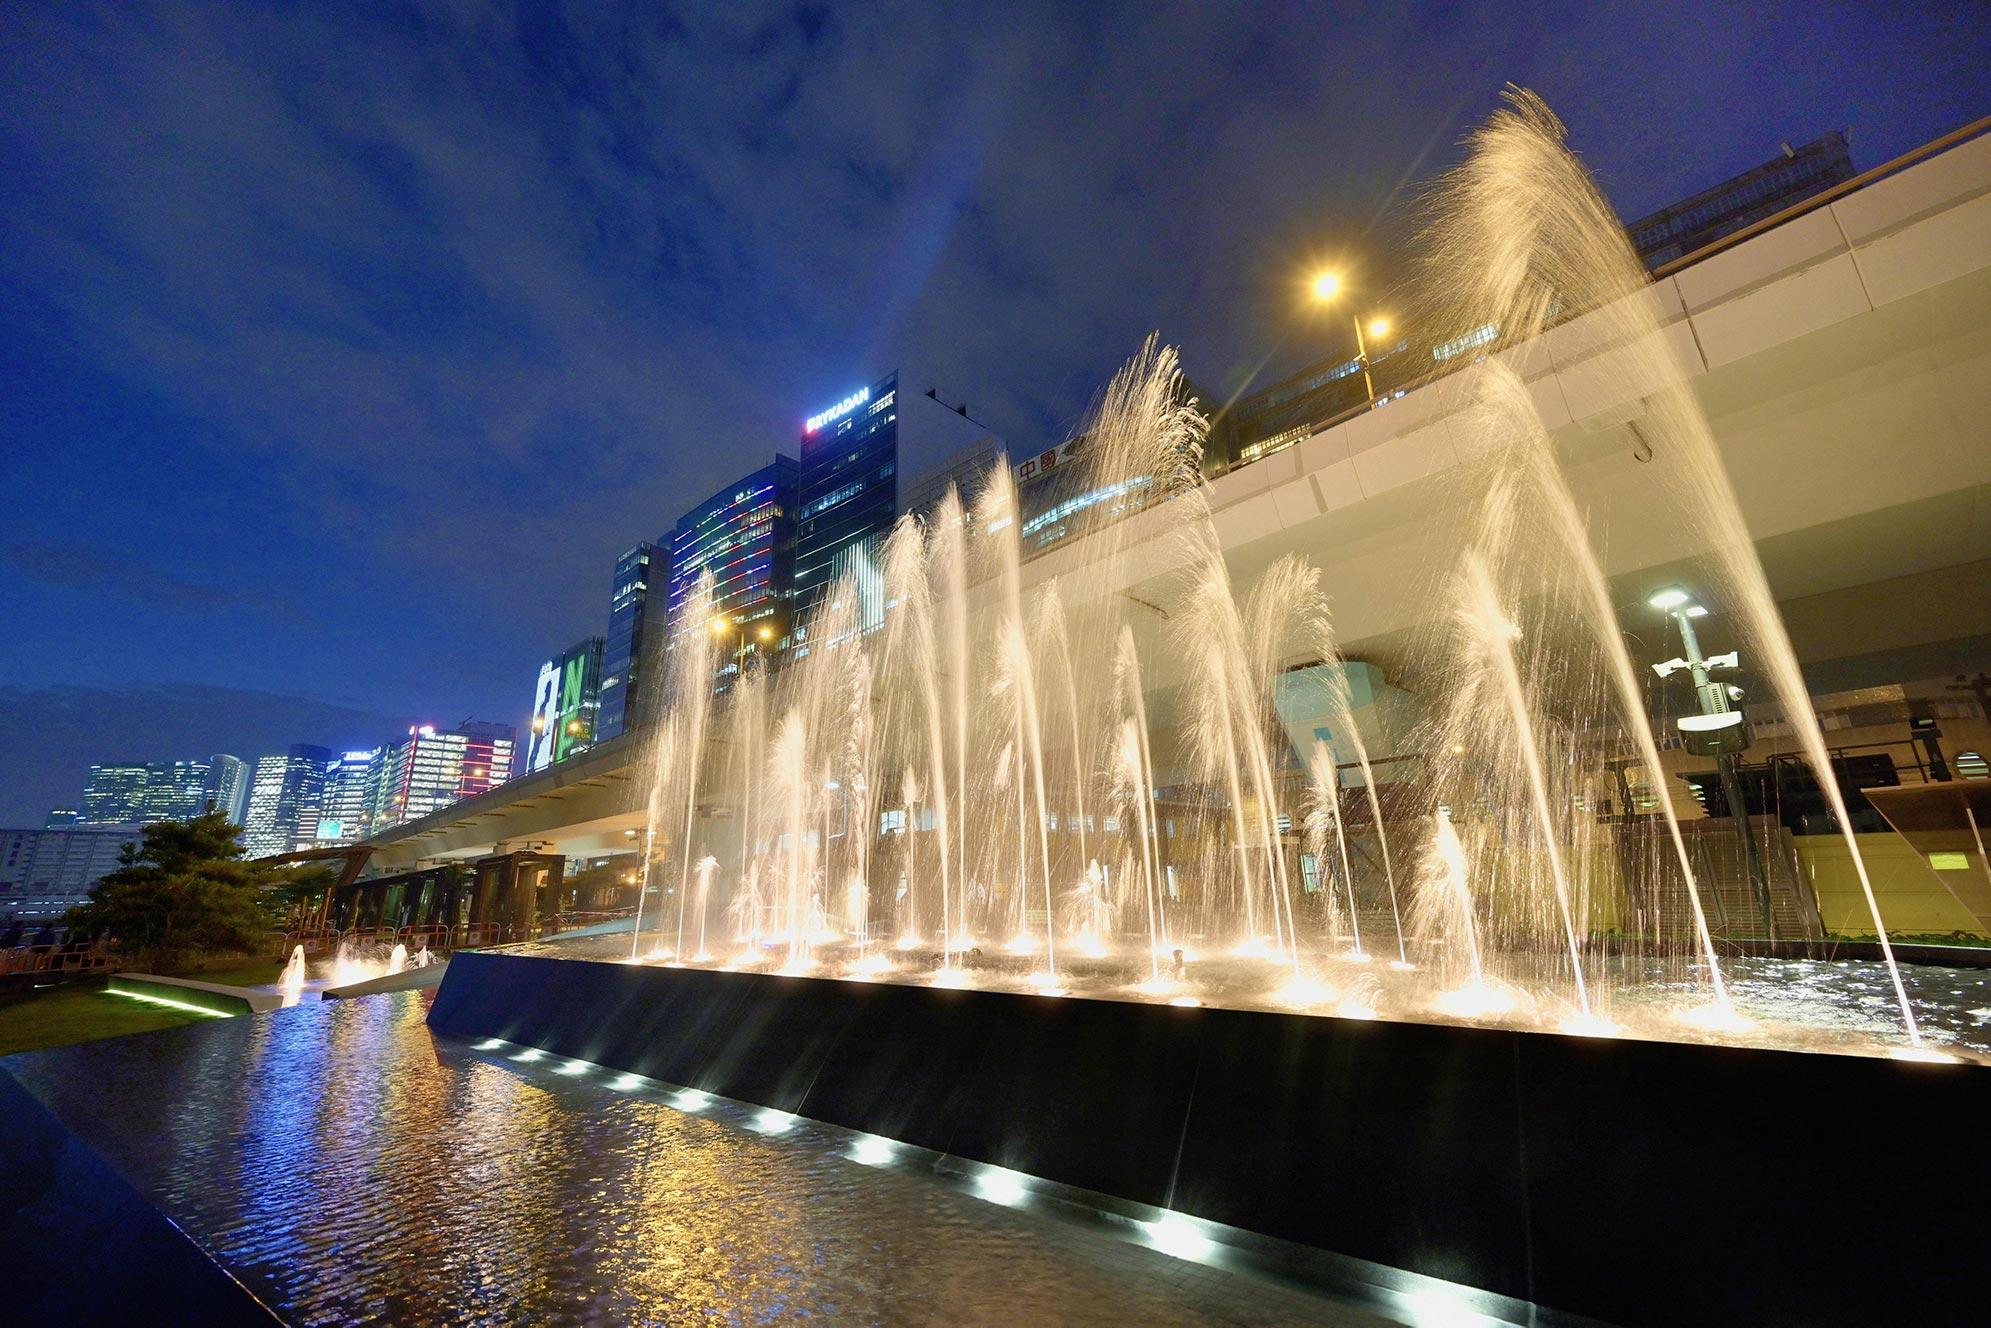 亲们,注意哦!四川音乐喷泉小编告诉你香港观塘海滨音乐喷泉4月22日启用